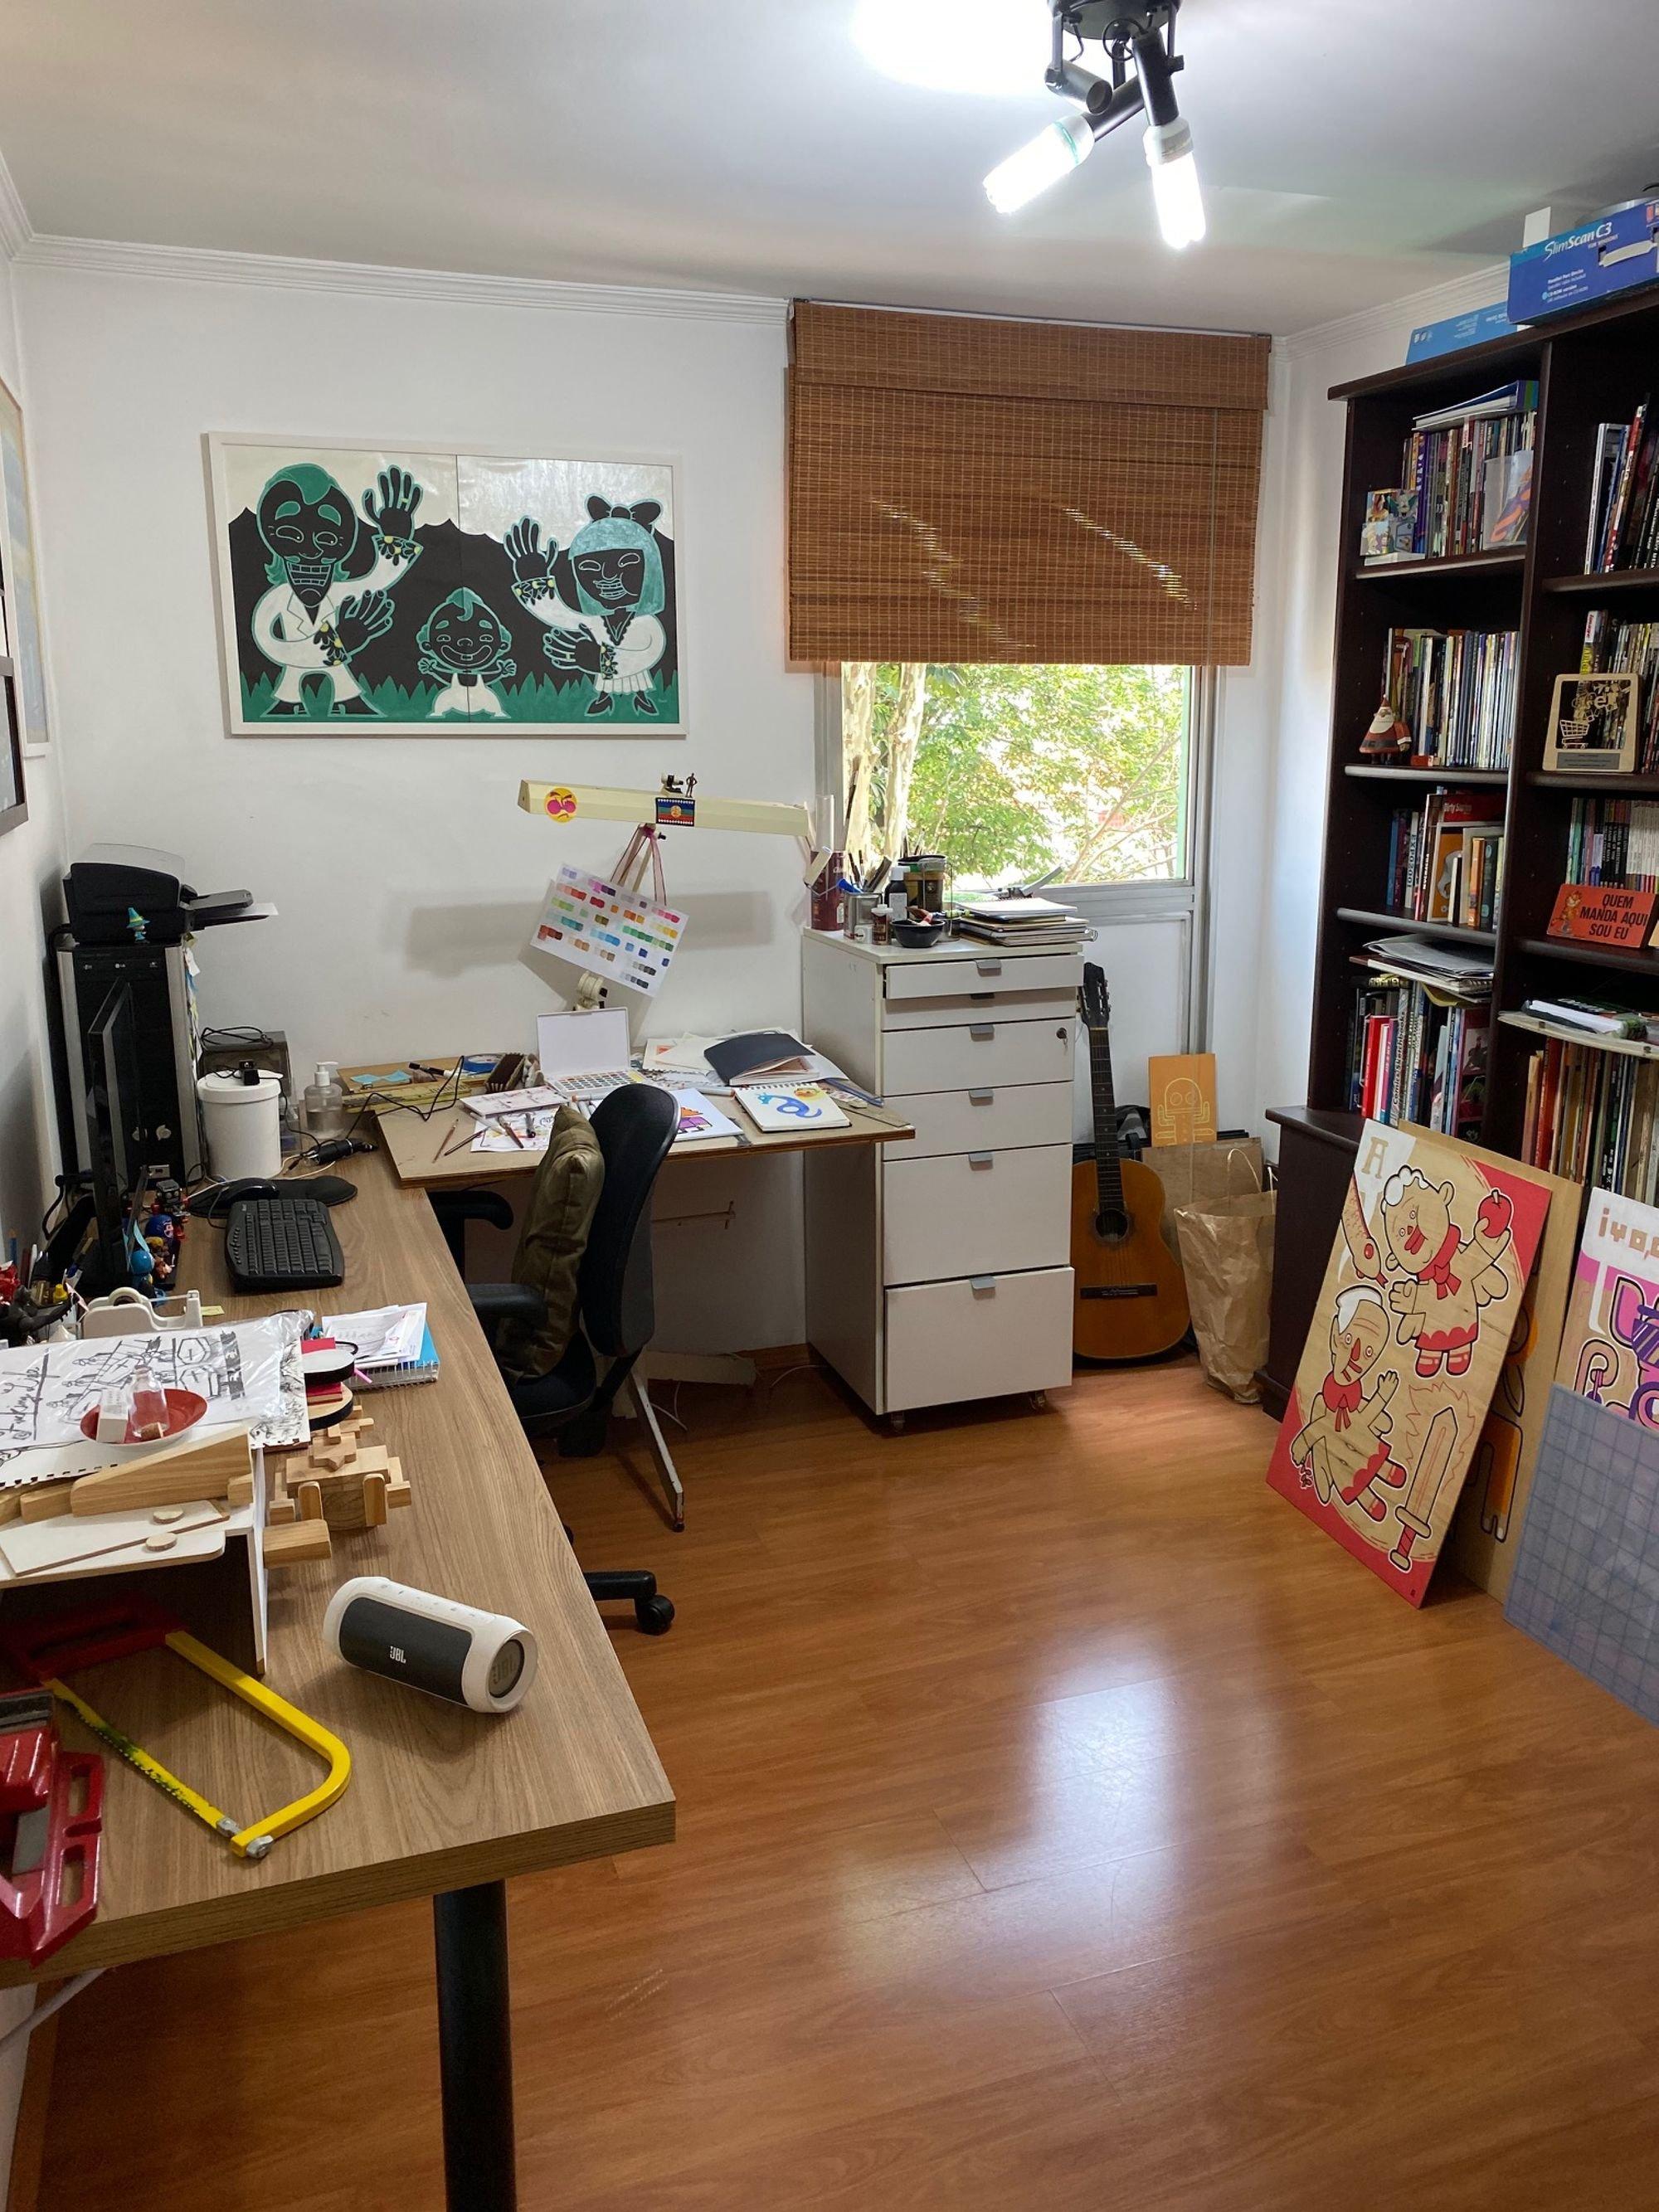 Foto de Quarto com teclado, celular, cadeira, livro